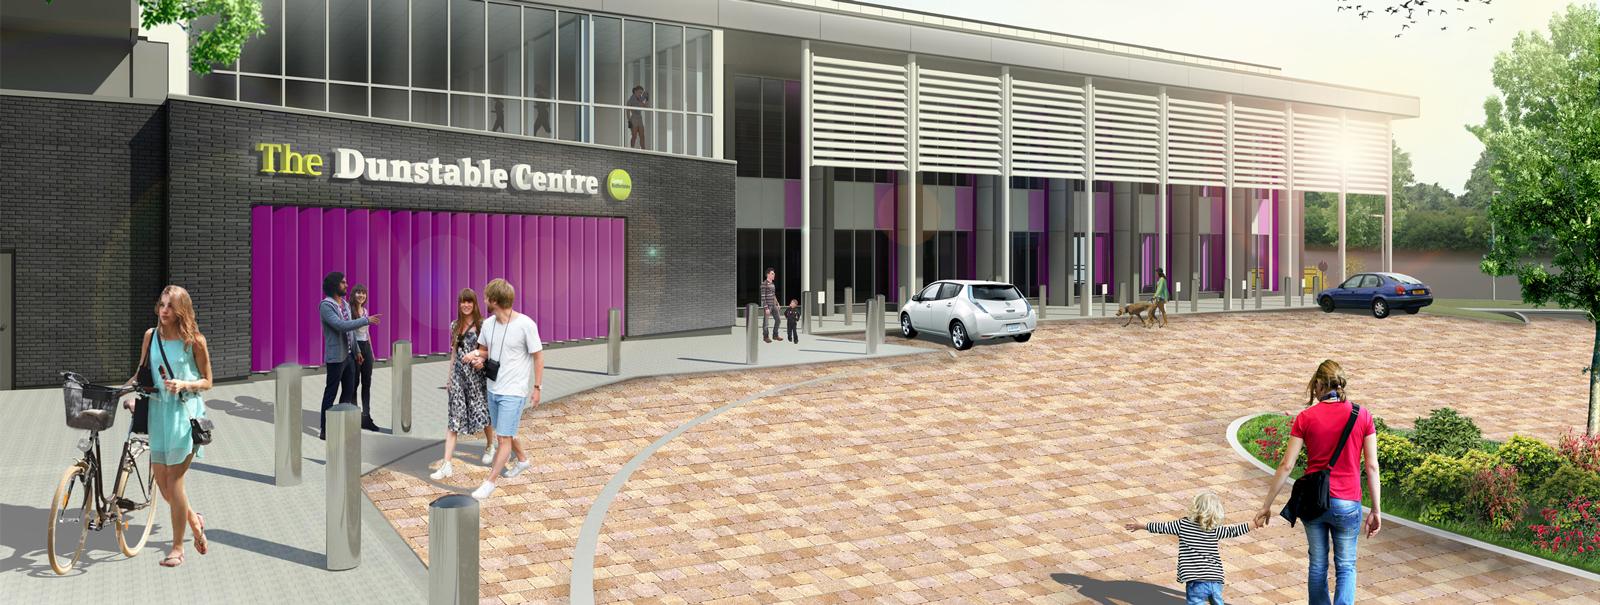 Dunstable Leisure Centre